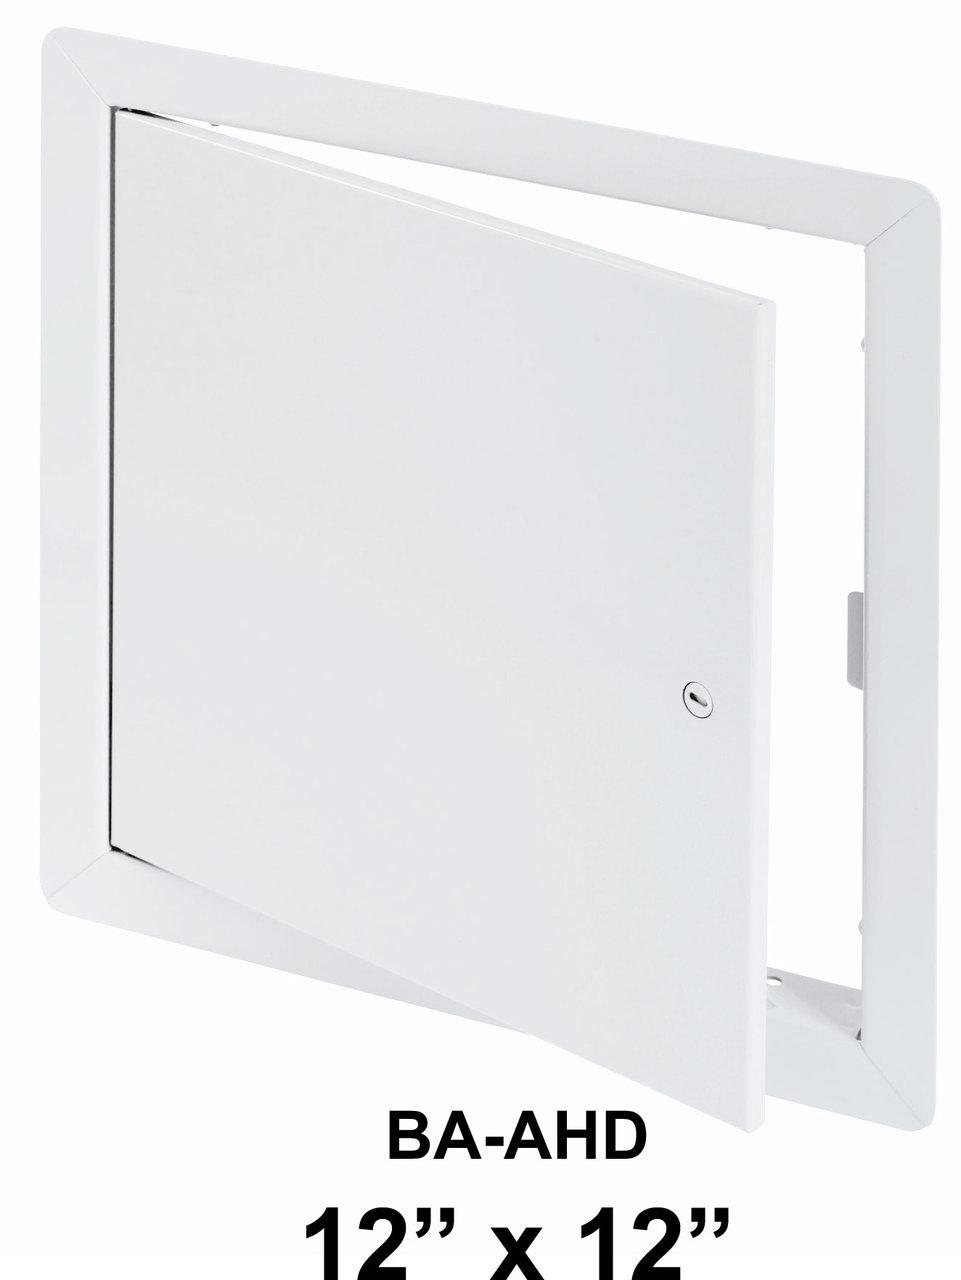 Best Access Door BA-AHD 12 x 22 General Purpose Door with Flange